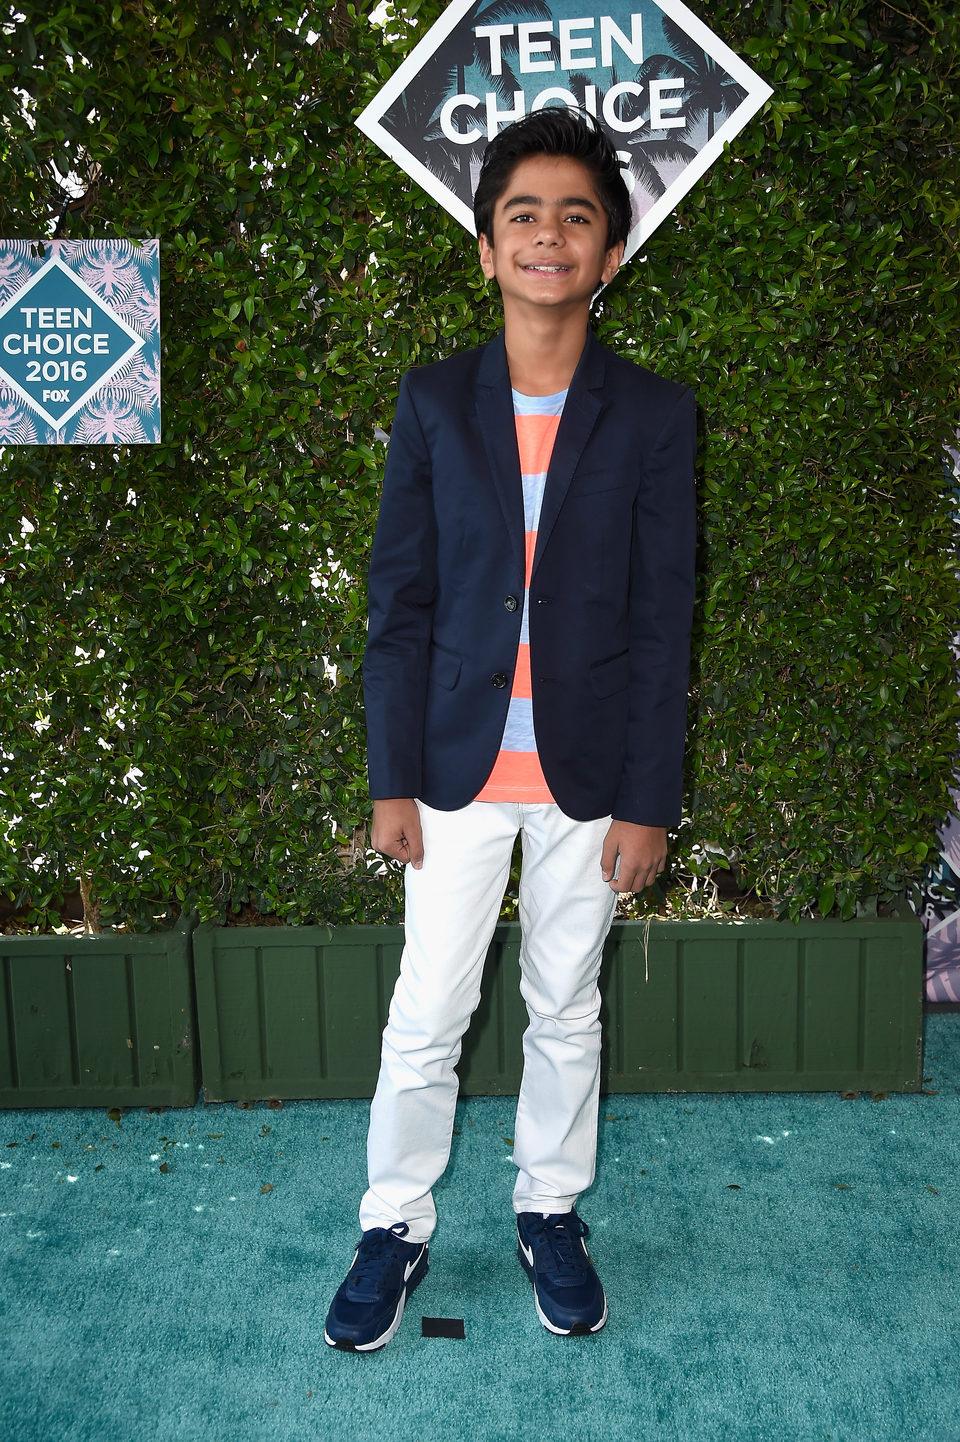 Neel Sheti en la alfombra roja de los Teen Choice Awards 2016